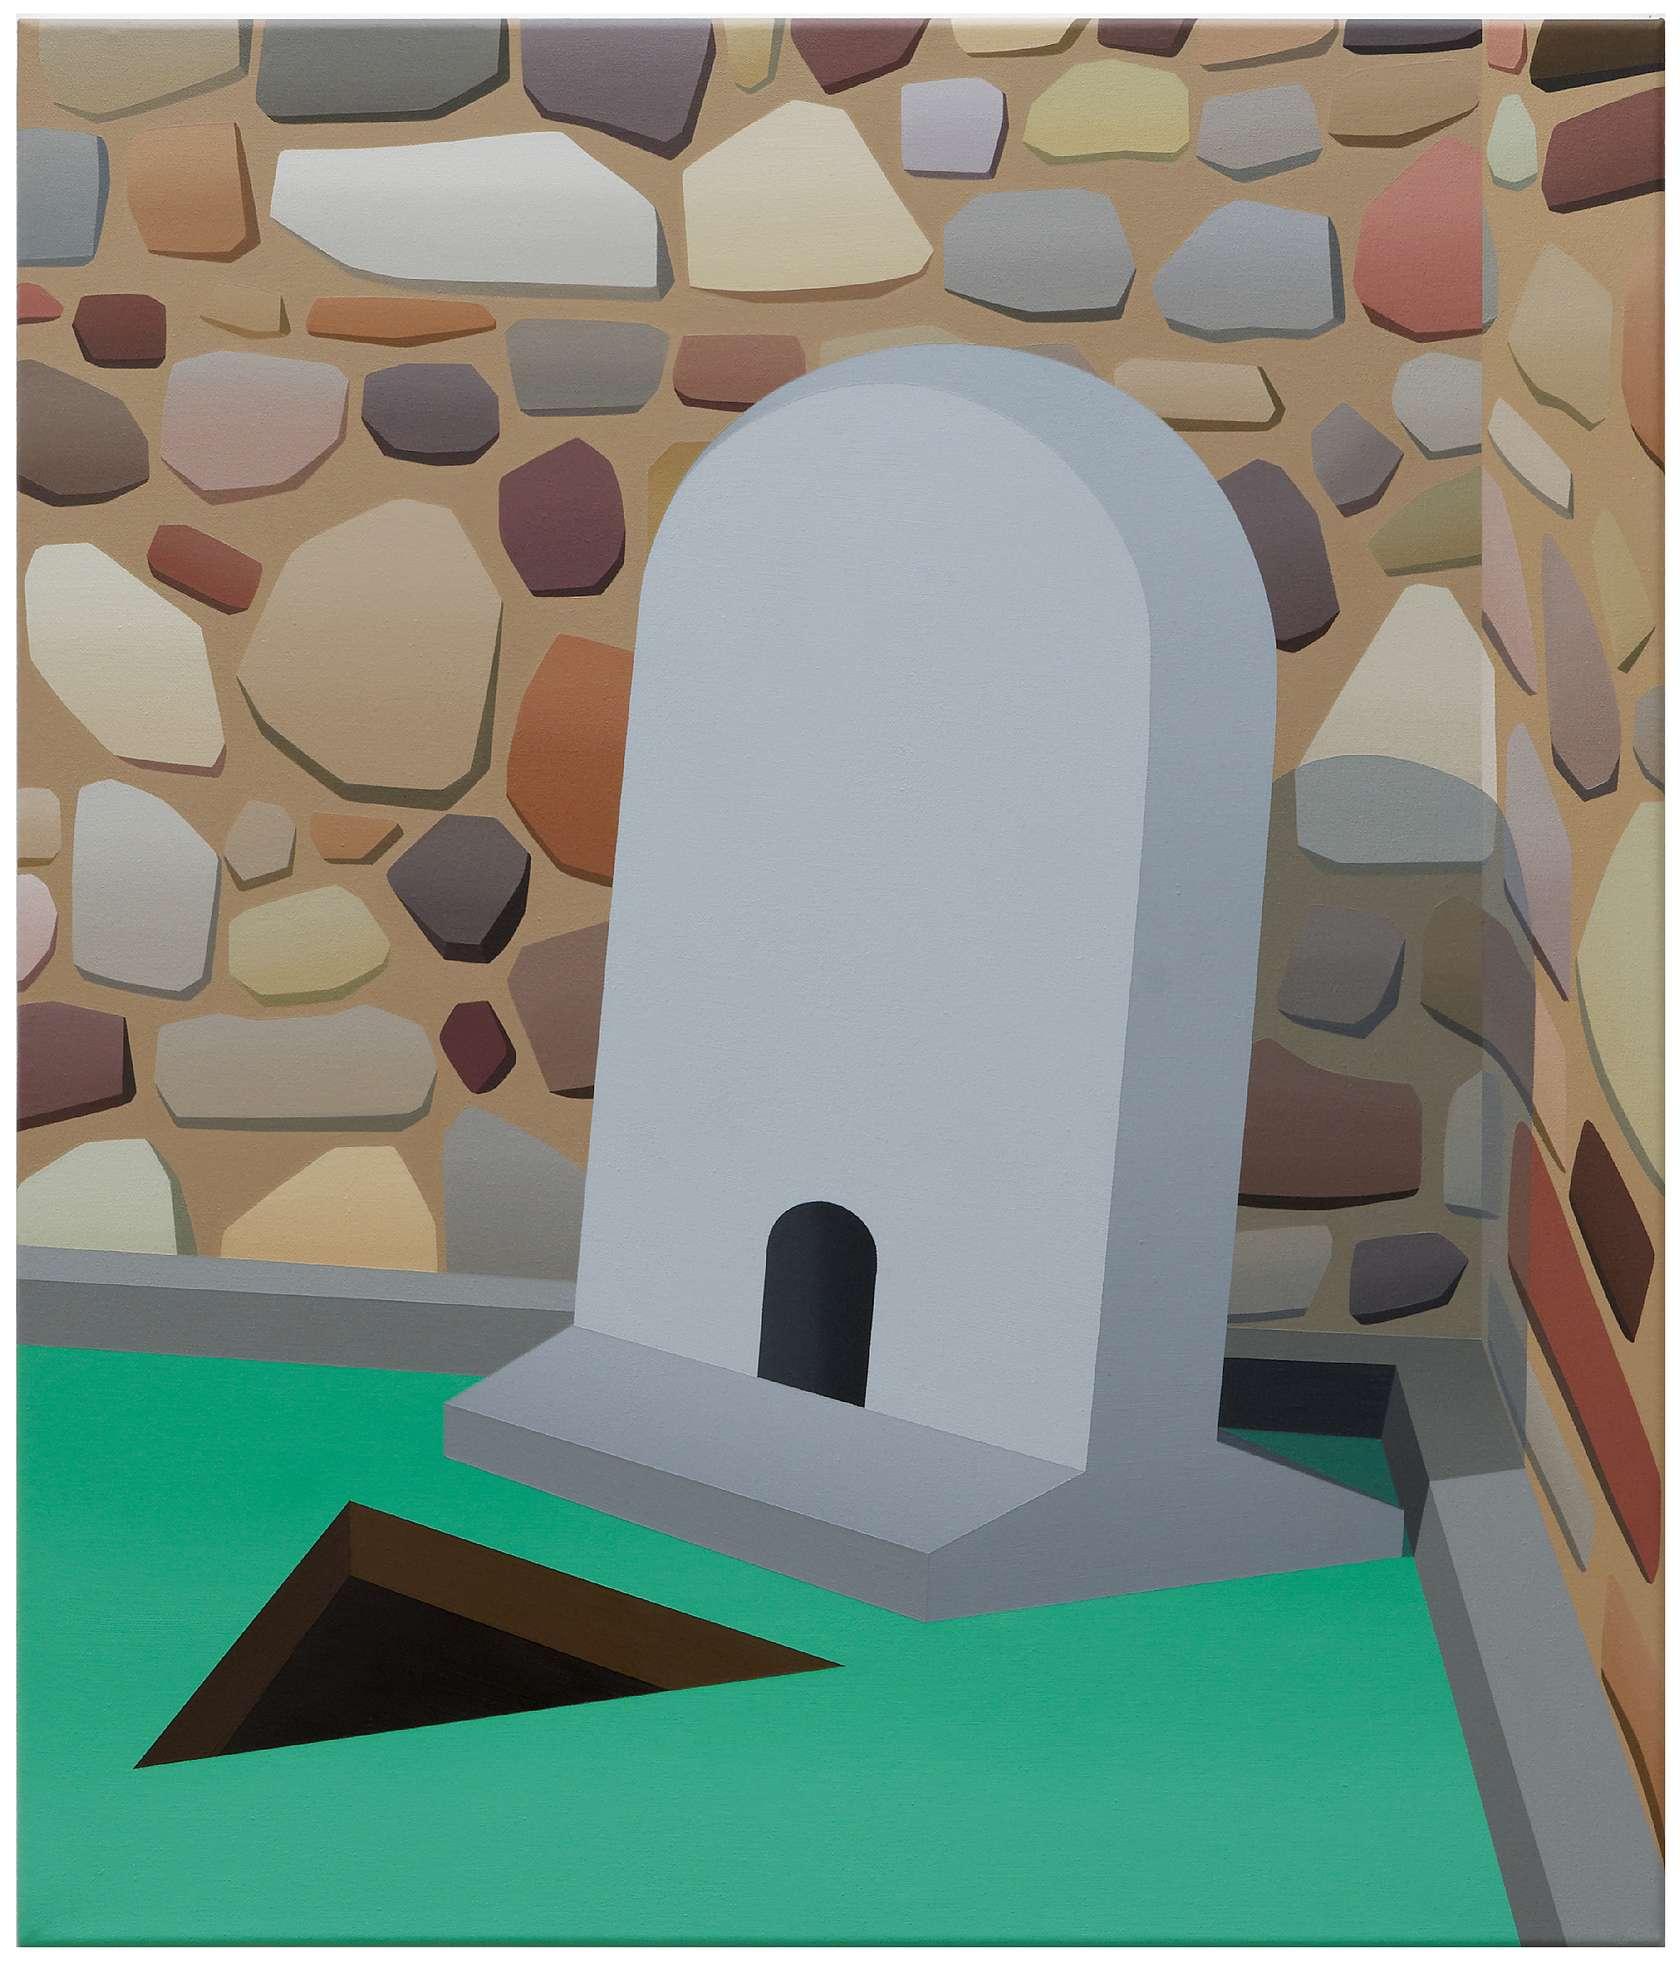 Amélie Bertrand, Sans titre, 2011 Huile sur toile70 × 60 cm / 27 1/2 × 23 5/8 in.